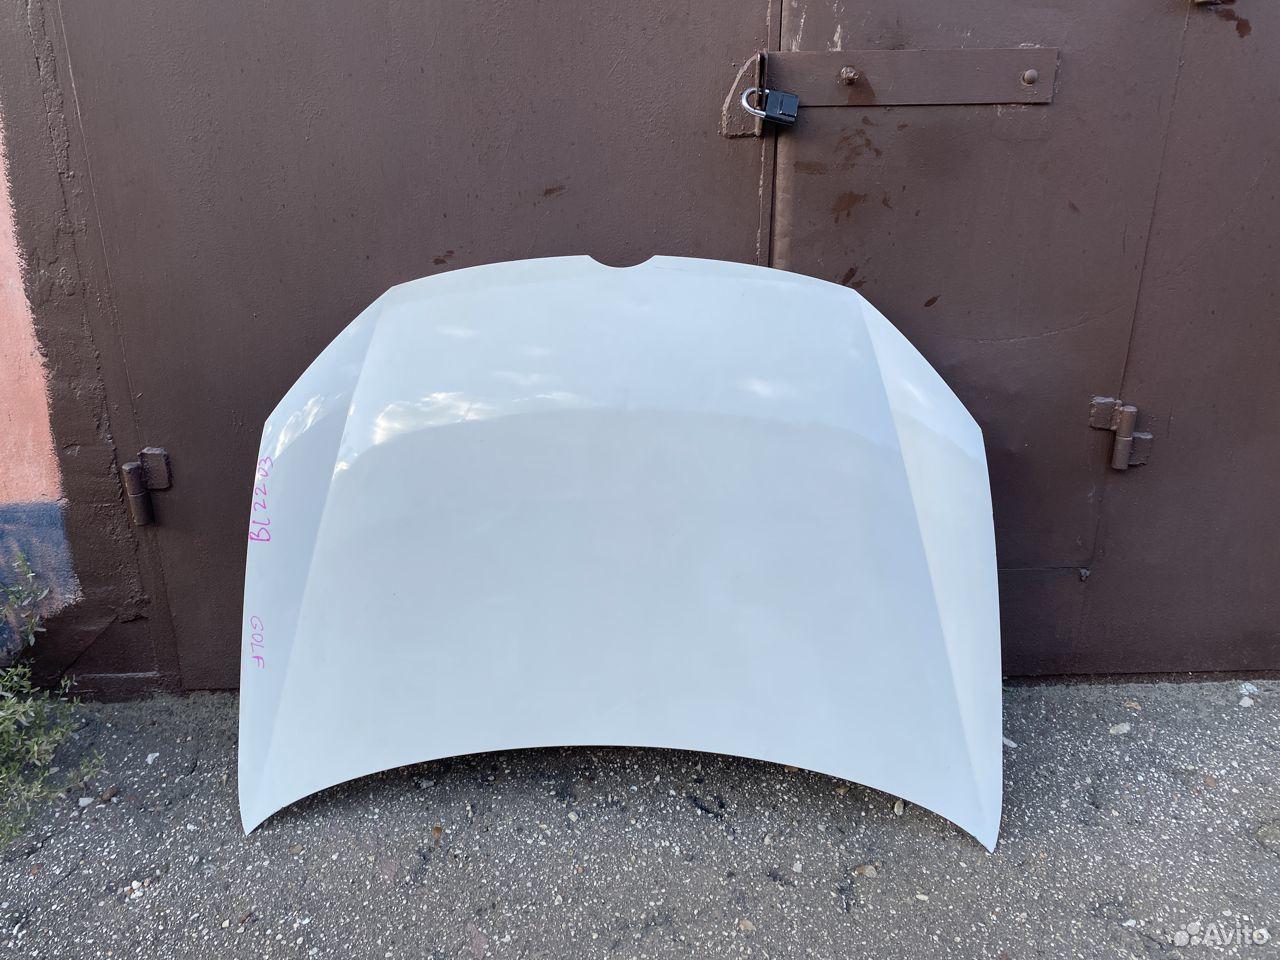 Капот белый Volkswagen Golf 6  89534684247 купить 1